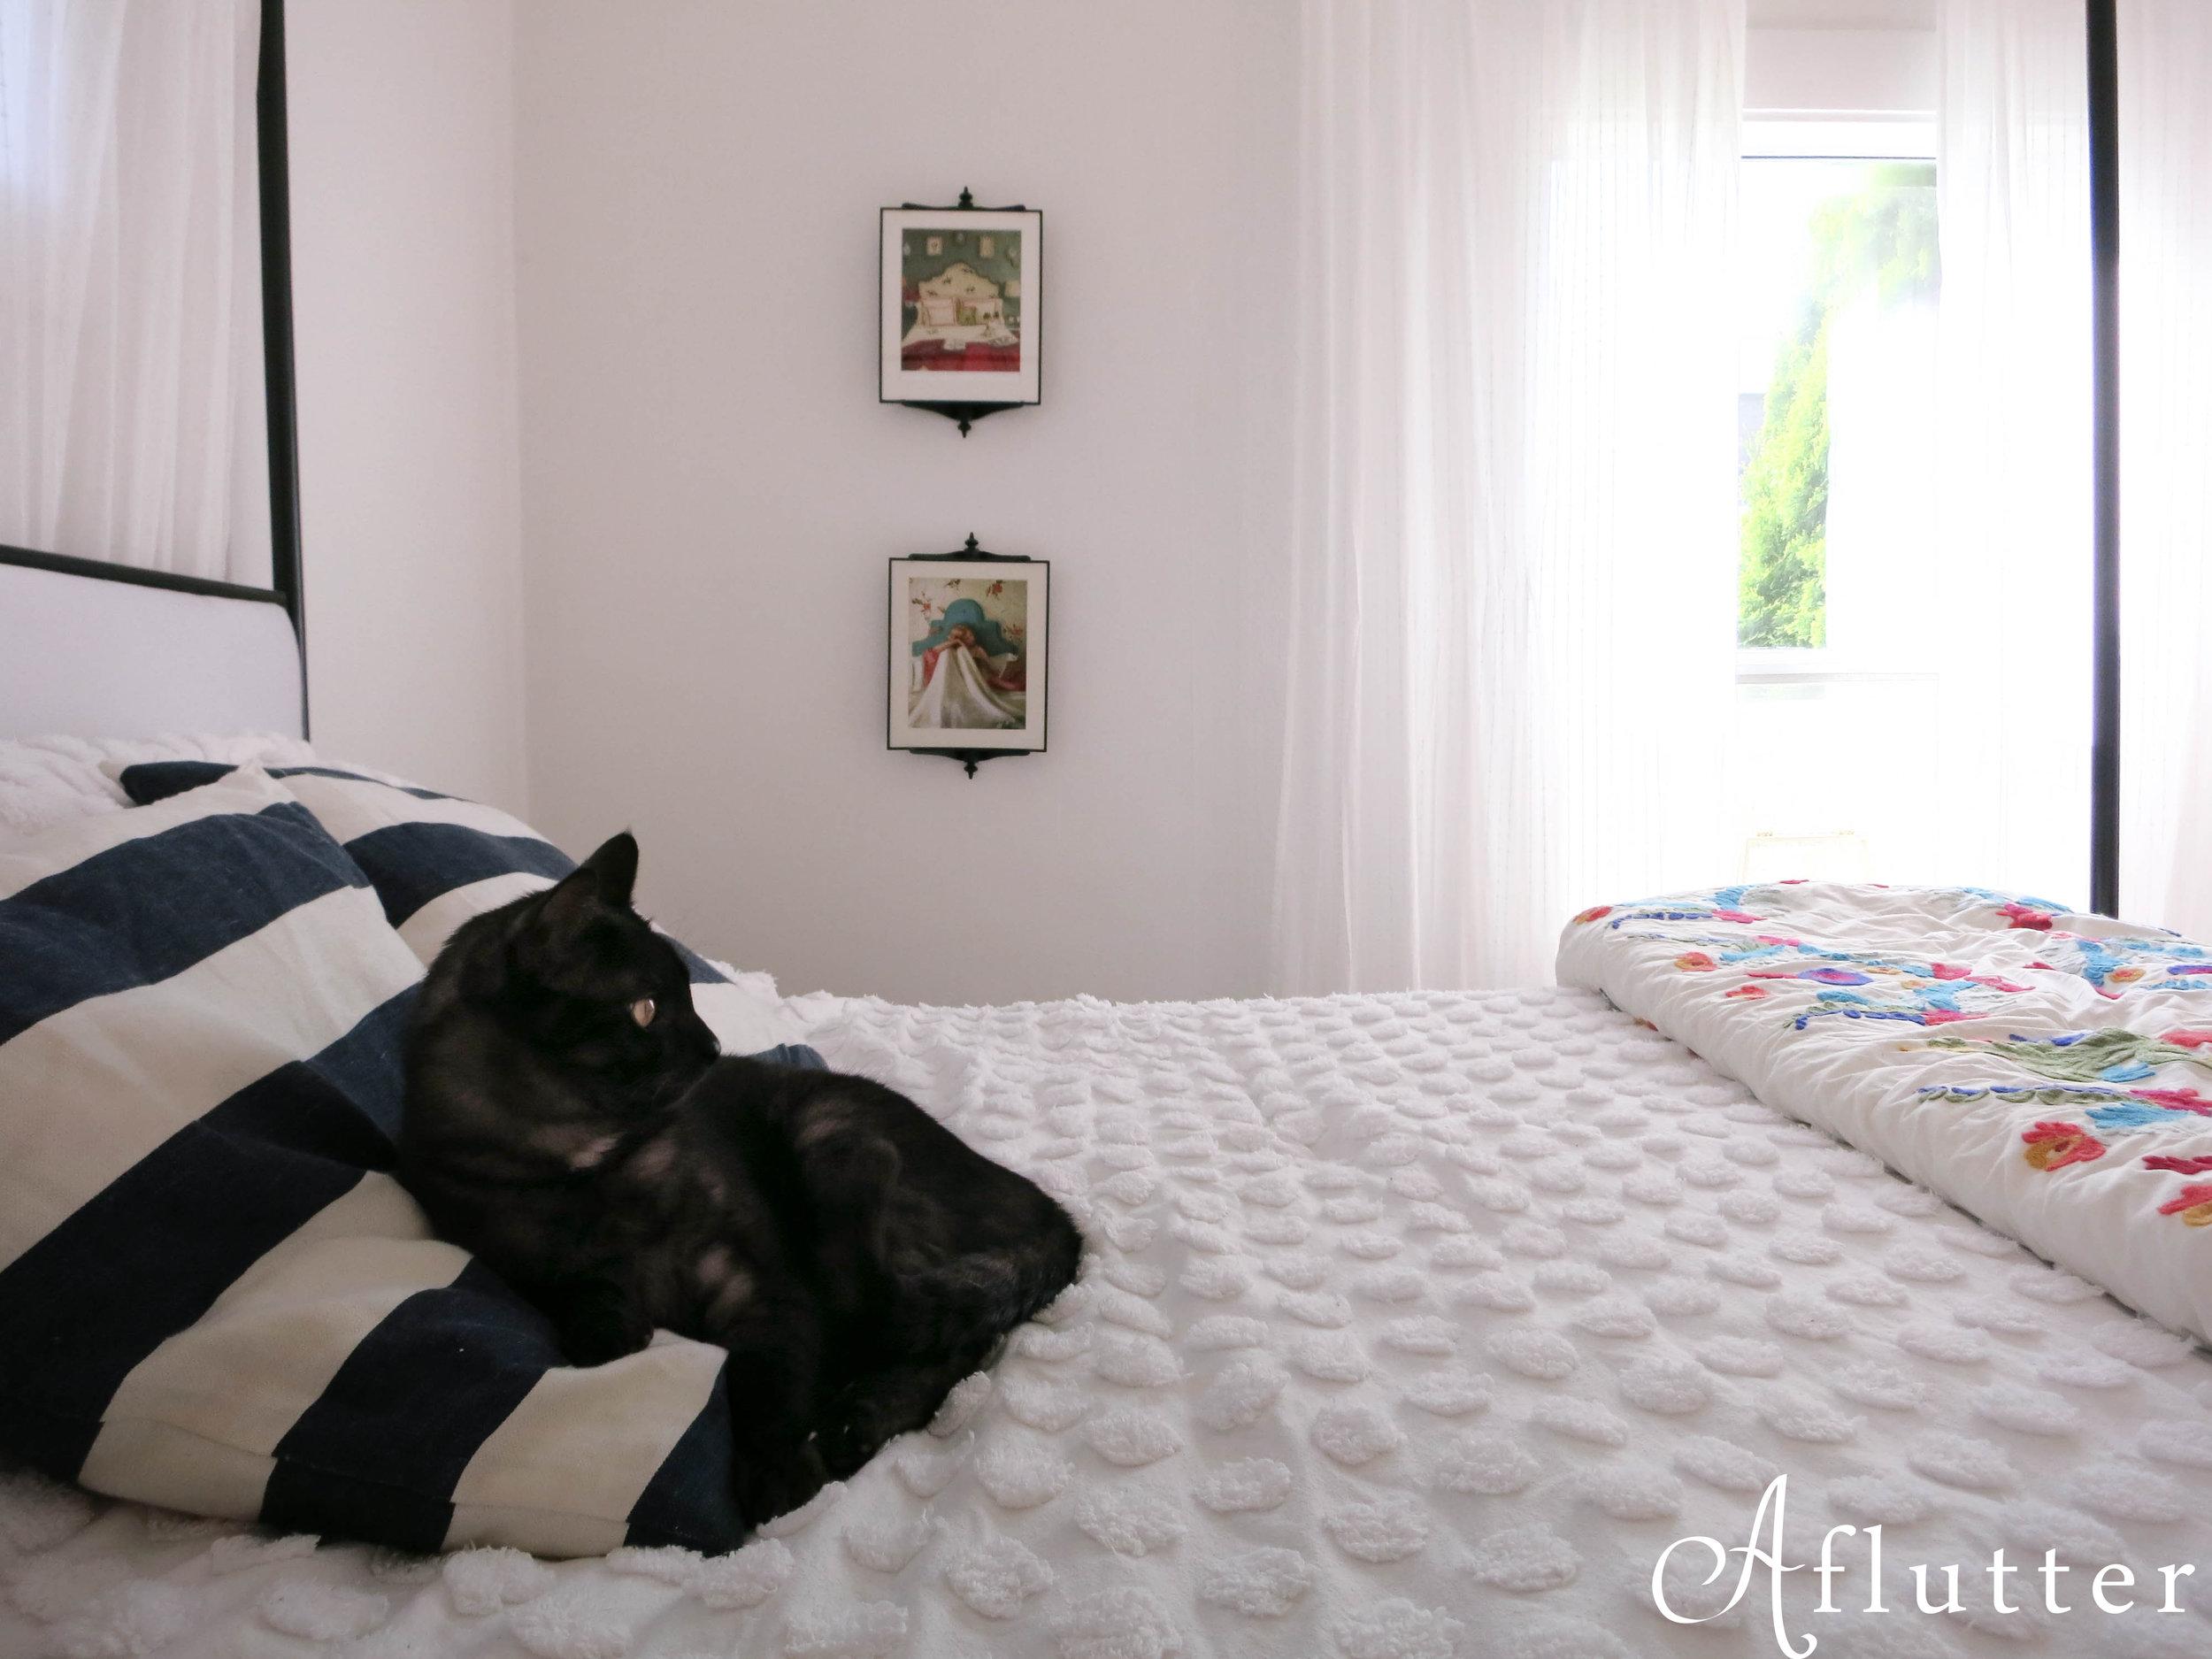 polka-dot-bedroom-5-of-61.jpg